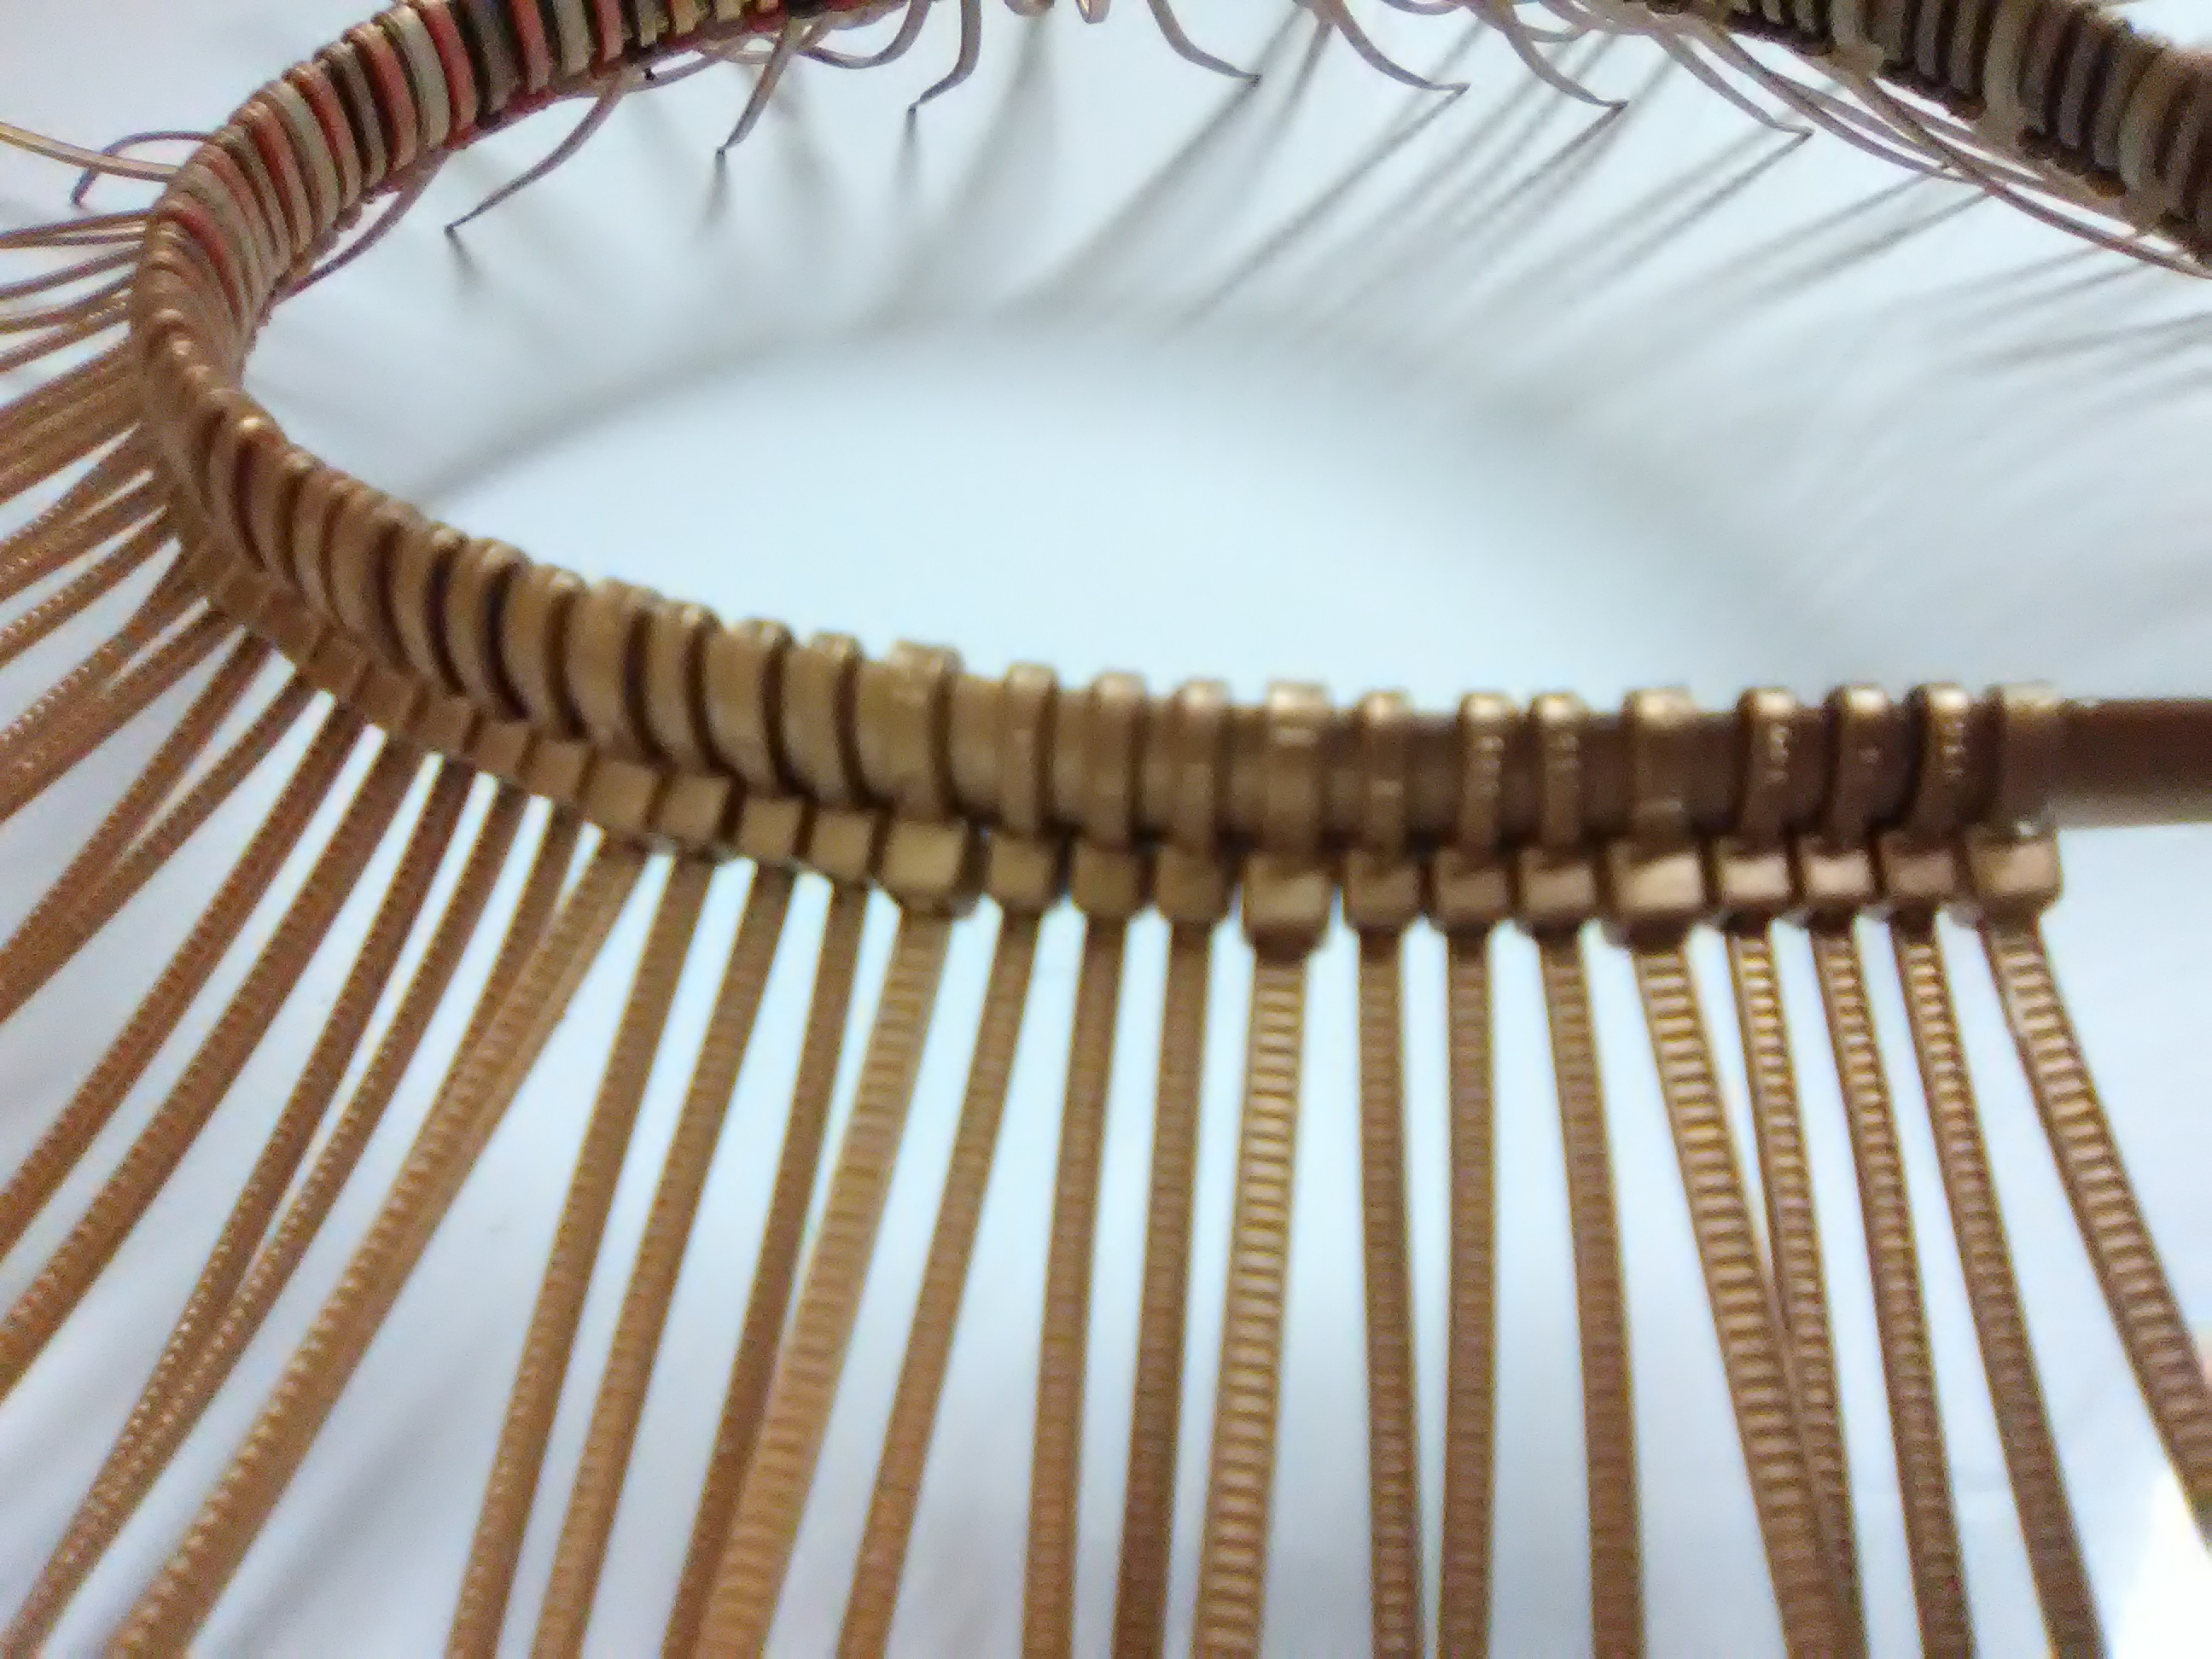 Picture of Zip the Zip Ties Onto Headband